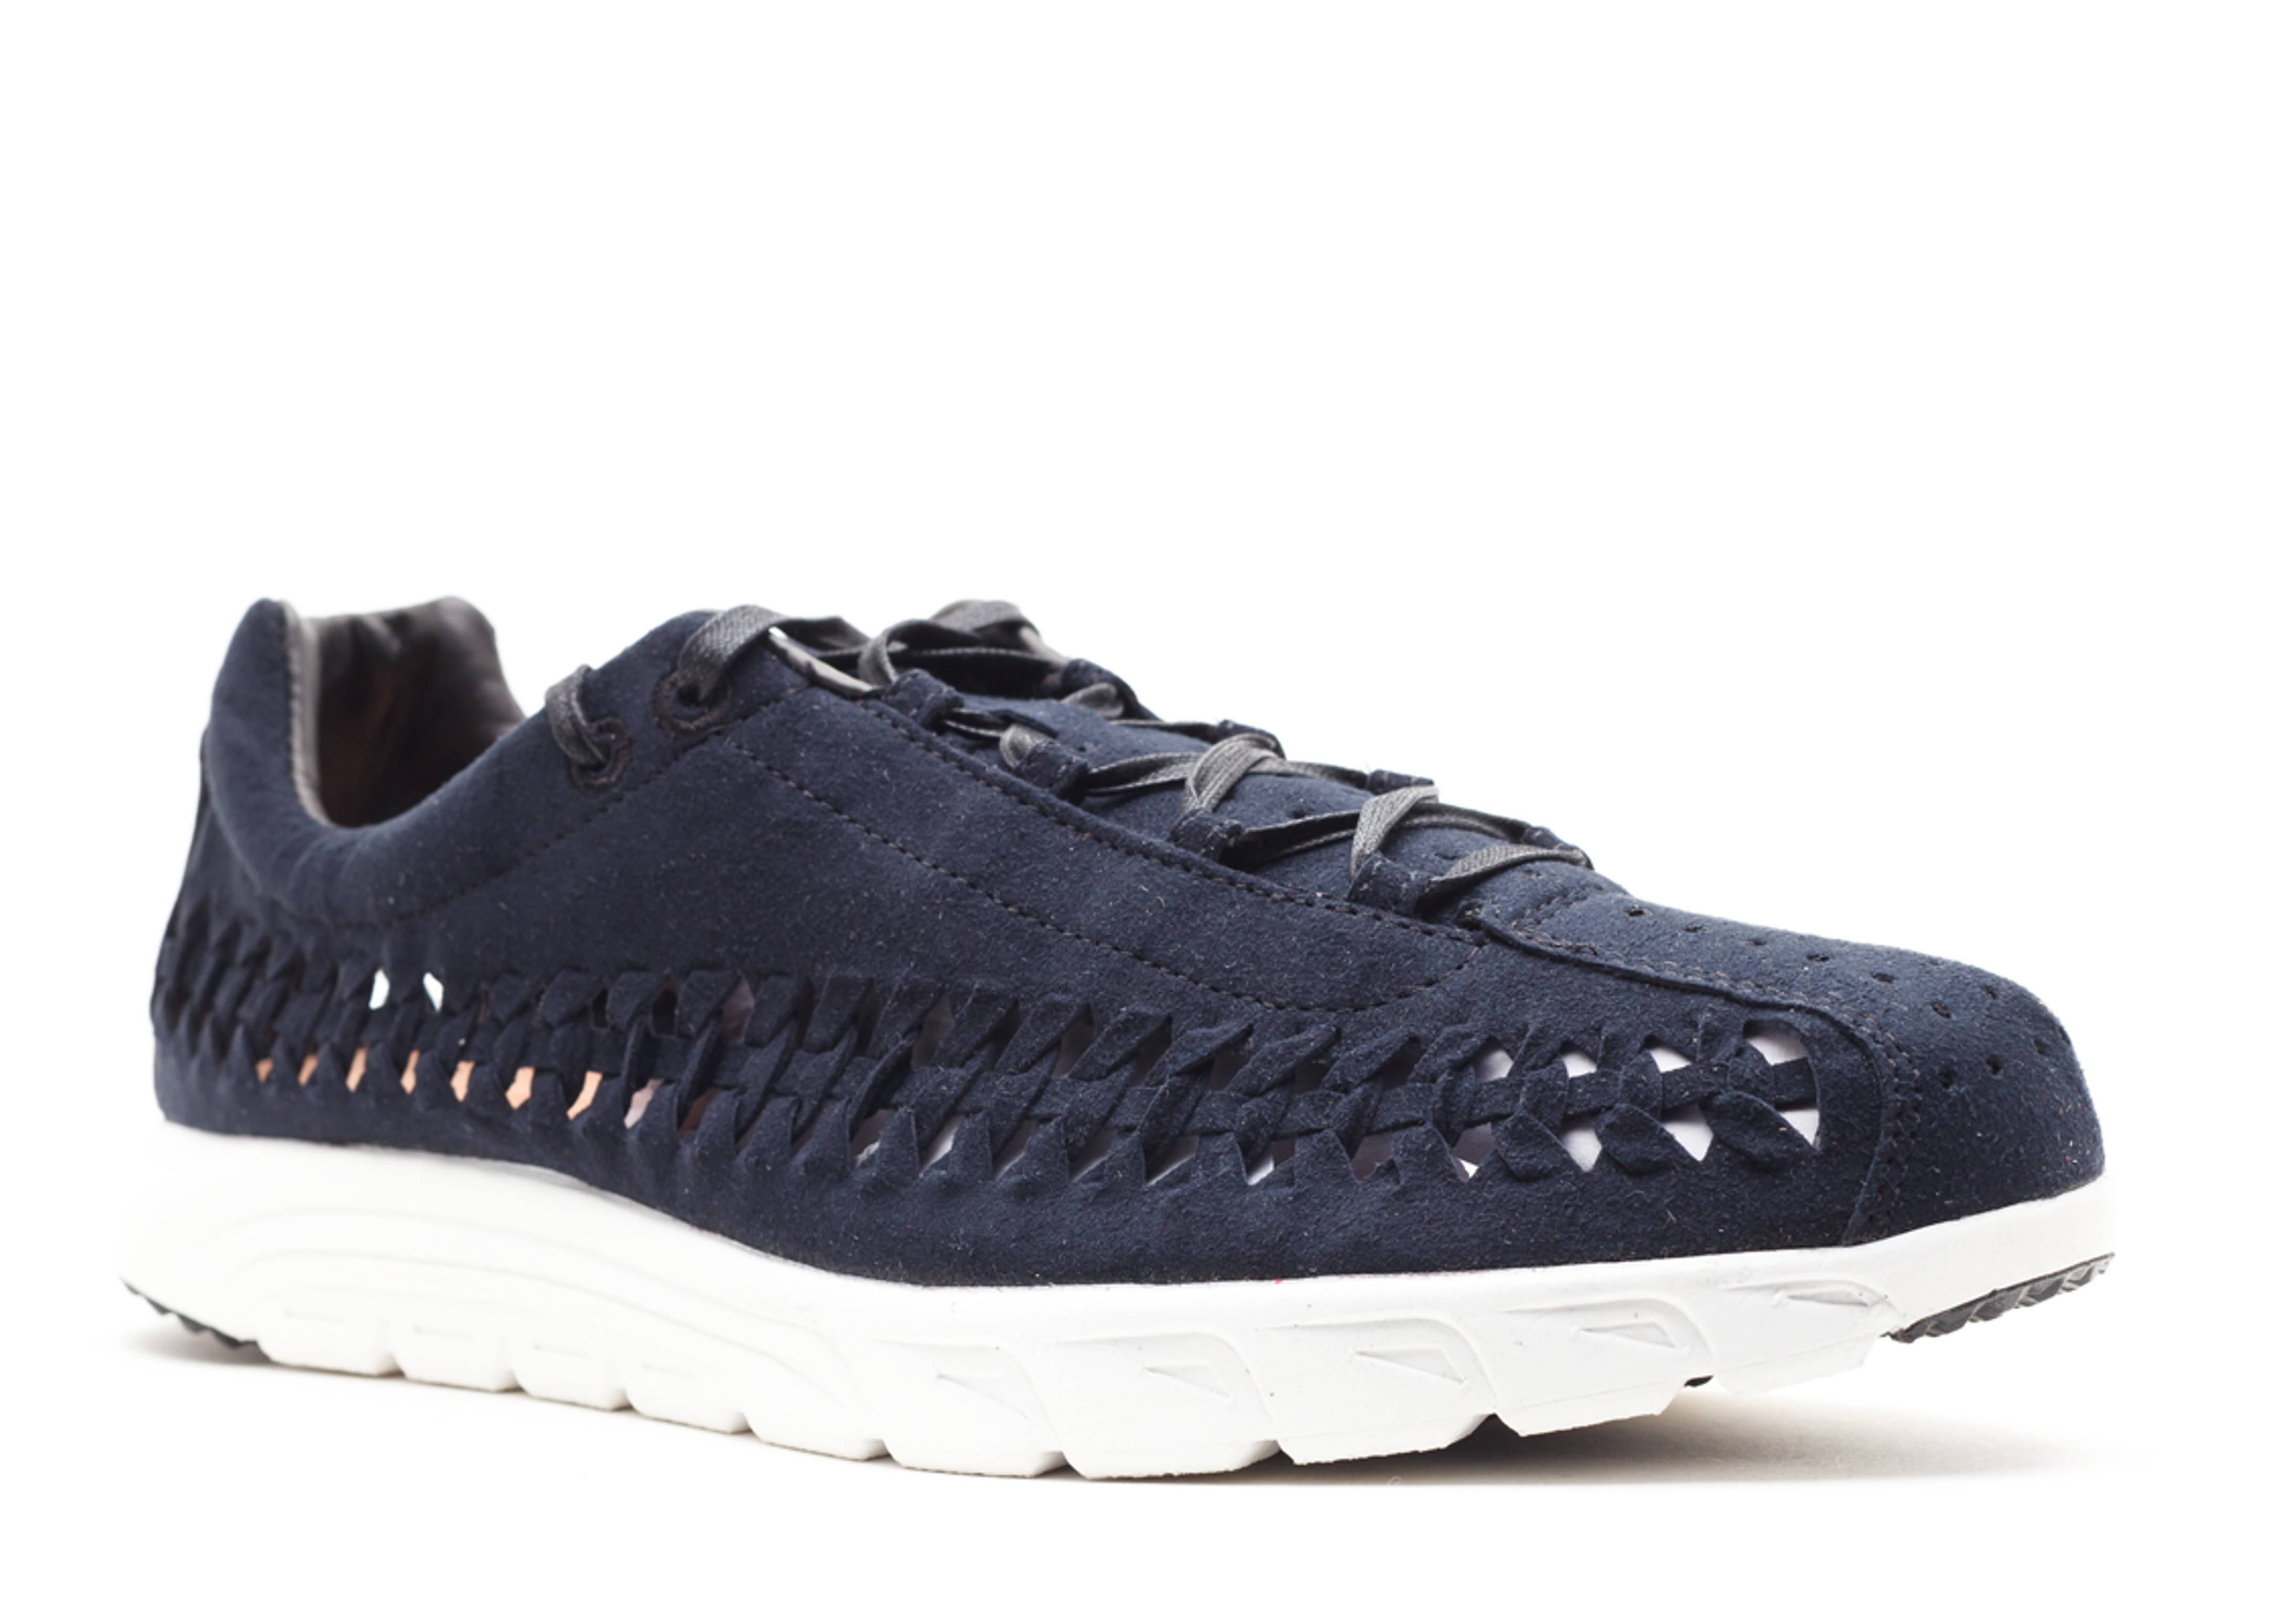 Mayfly Woven Qs - Nike - 621365 002 - black black  f7d59269f